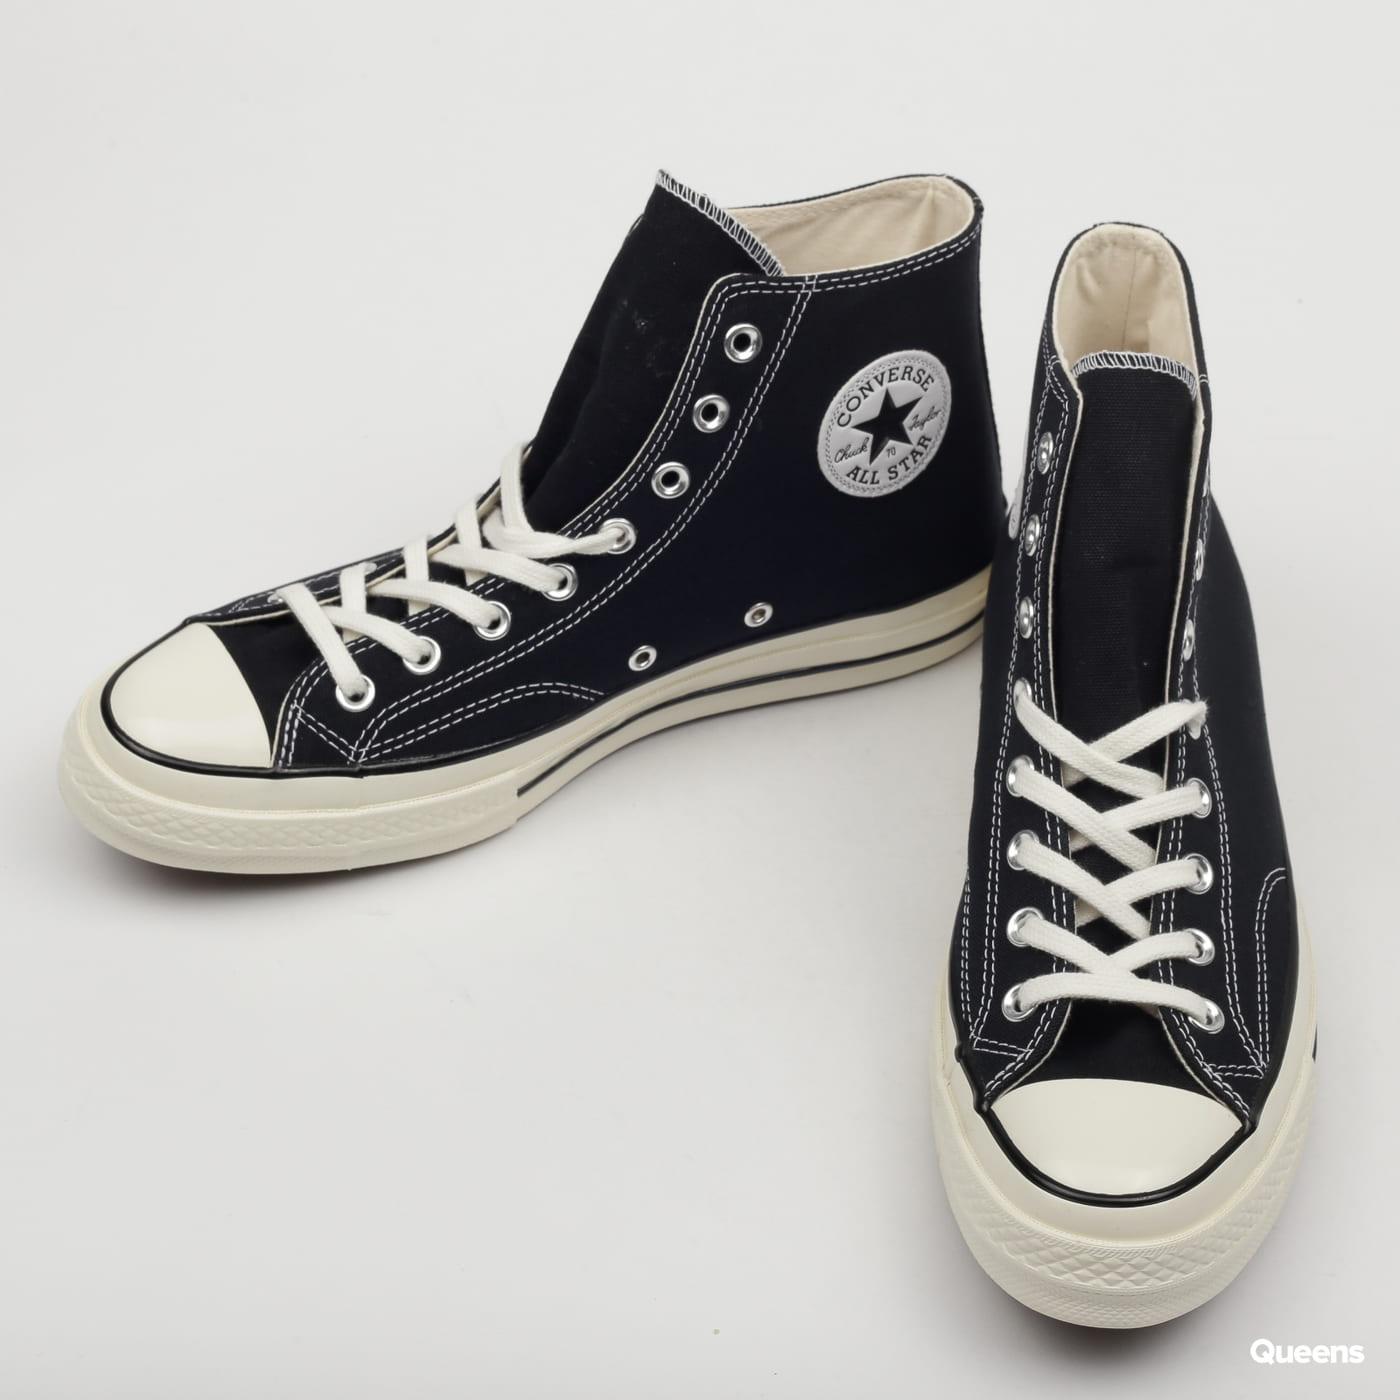 Converse Chuck 70 Hi black / black / egret